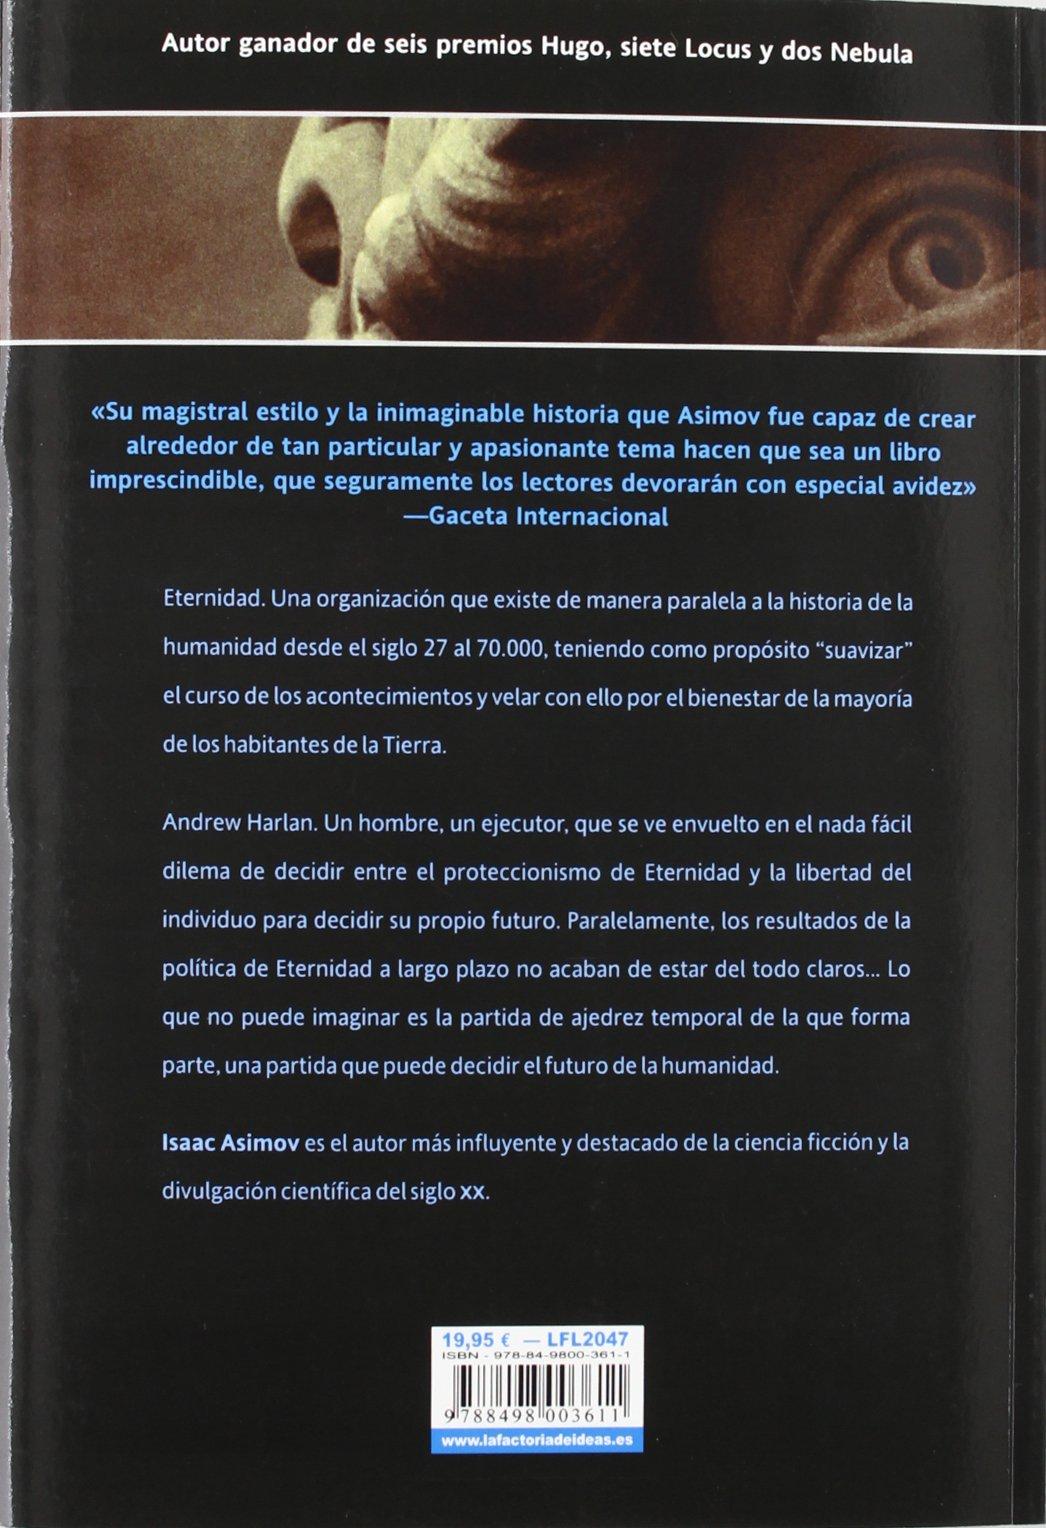 El fin de la eternidad (Solaris ficción): Amazon.es: Isaac Asimov: Libros